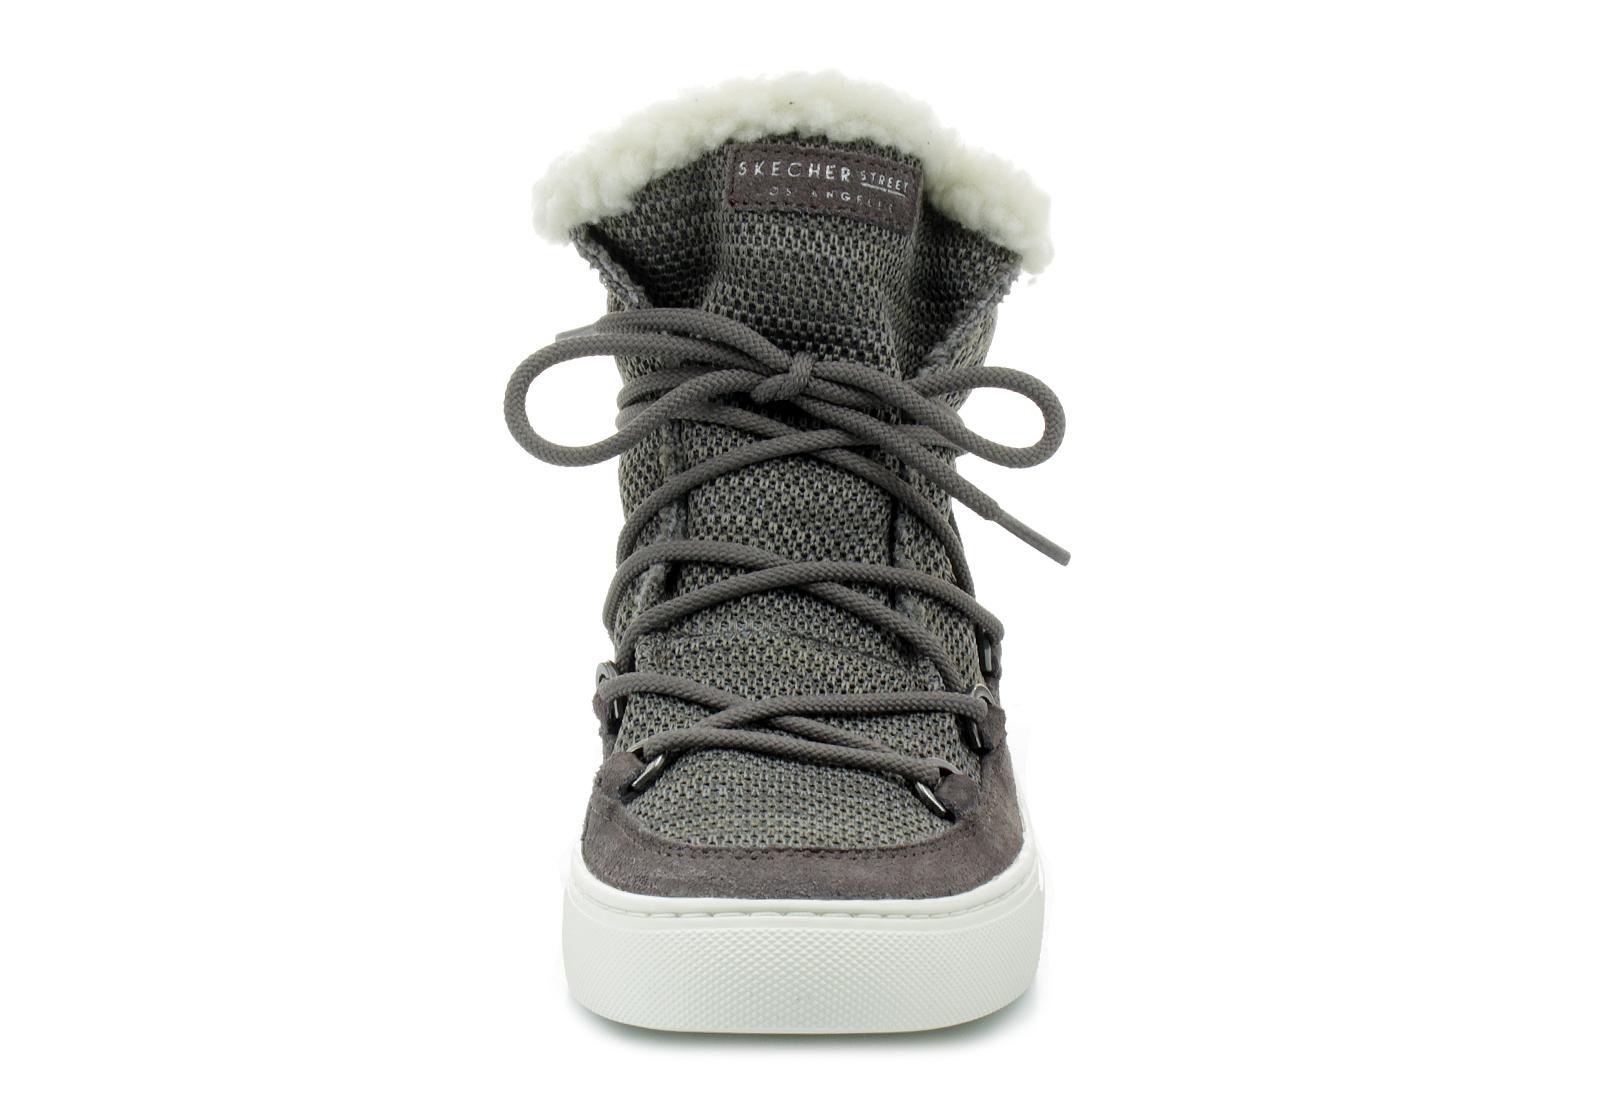 568eabe79a78a Skechers Topánky - Side Street-warm Wrappers - 73578-tpe - Tenisky ...